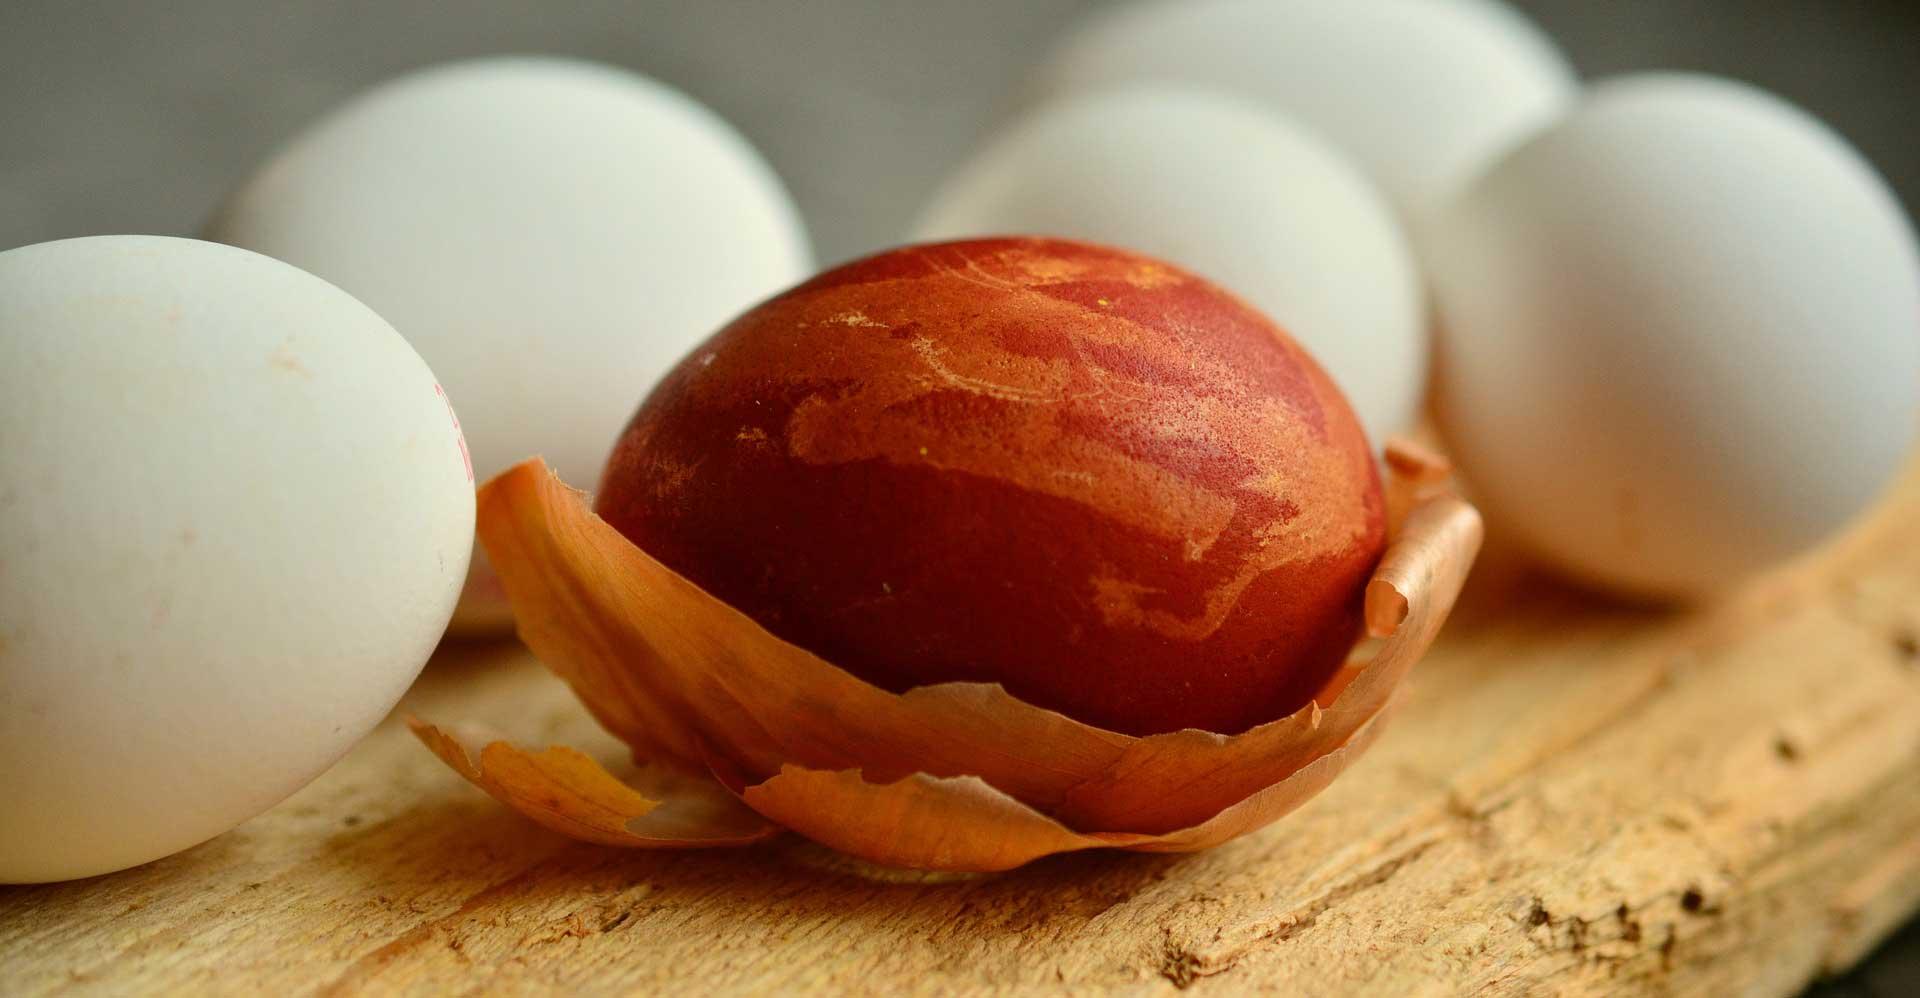 Червено великденско яйце, боядисано в червено с лук